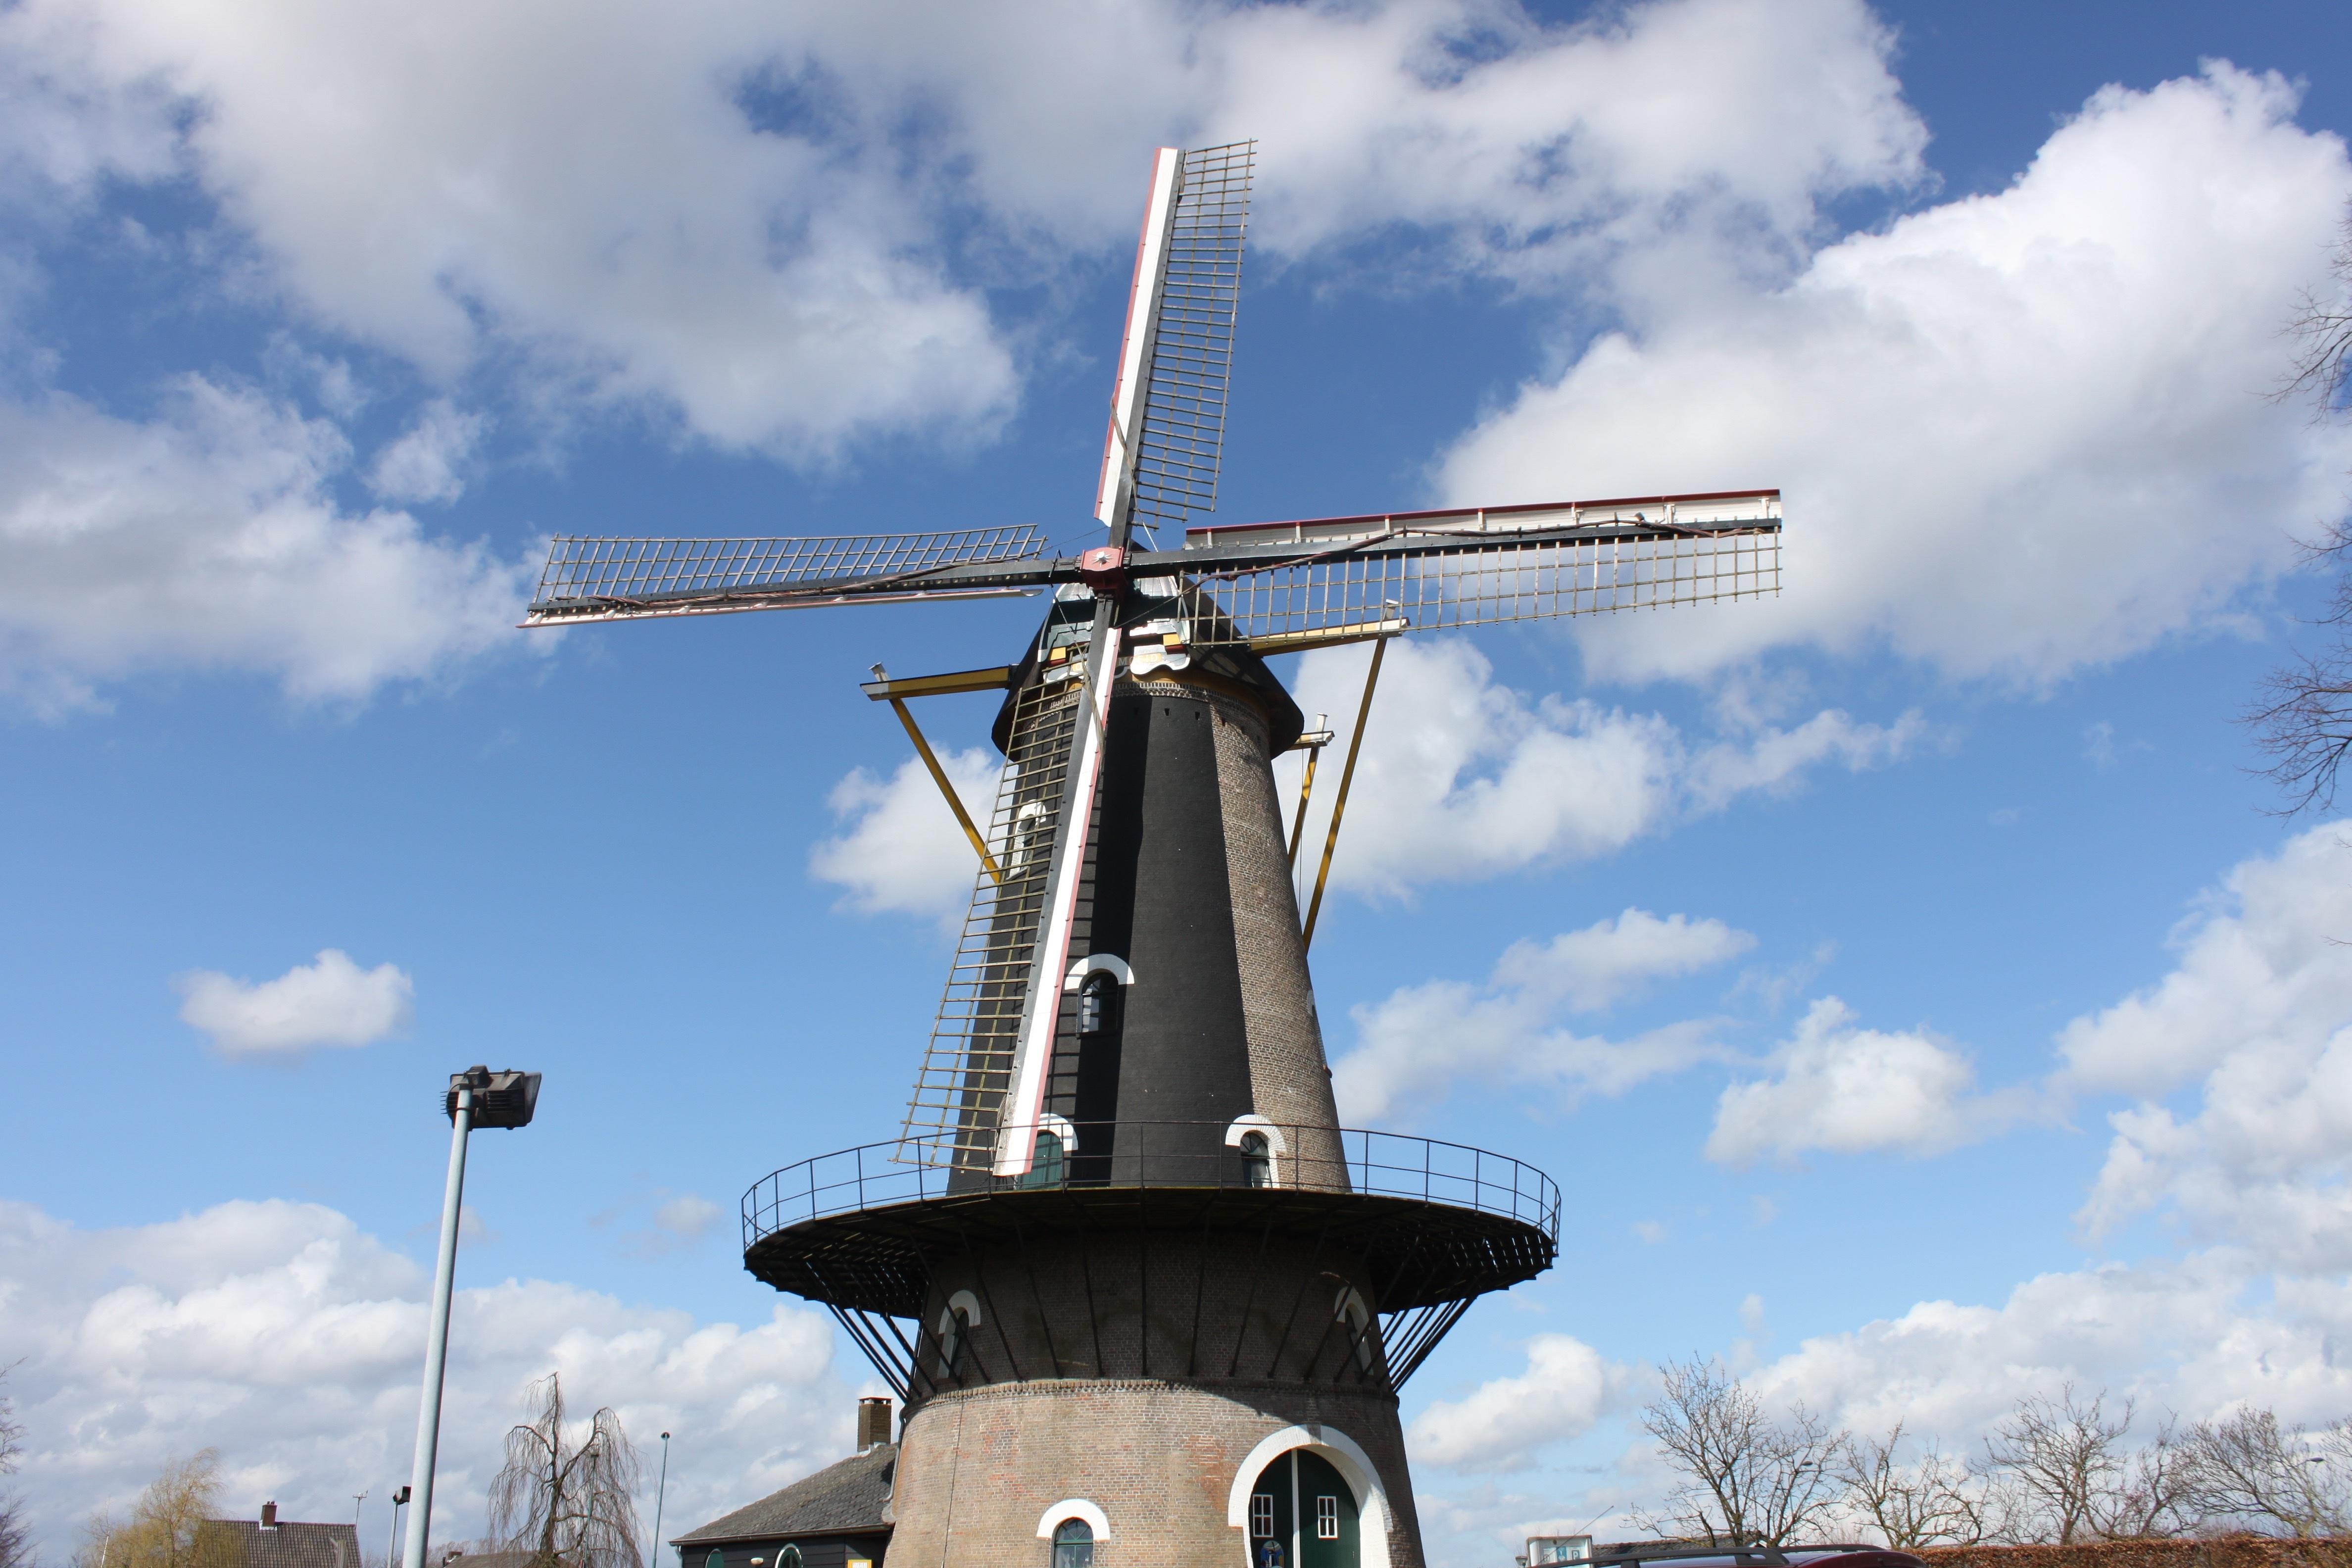 мероприятие планируется картинки первые ветряные мельницы в европе наступлением нового года